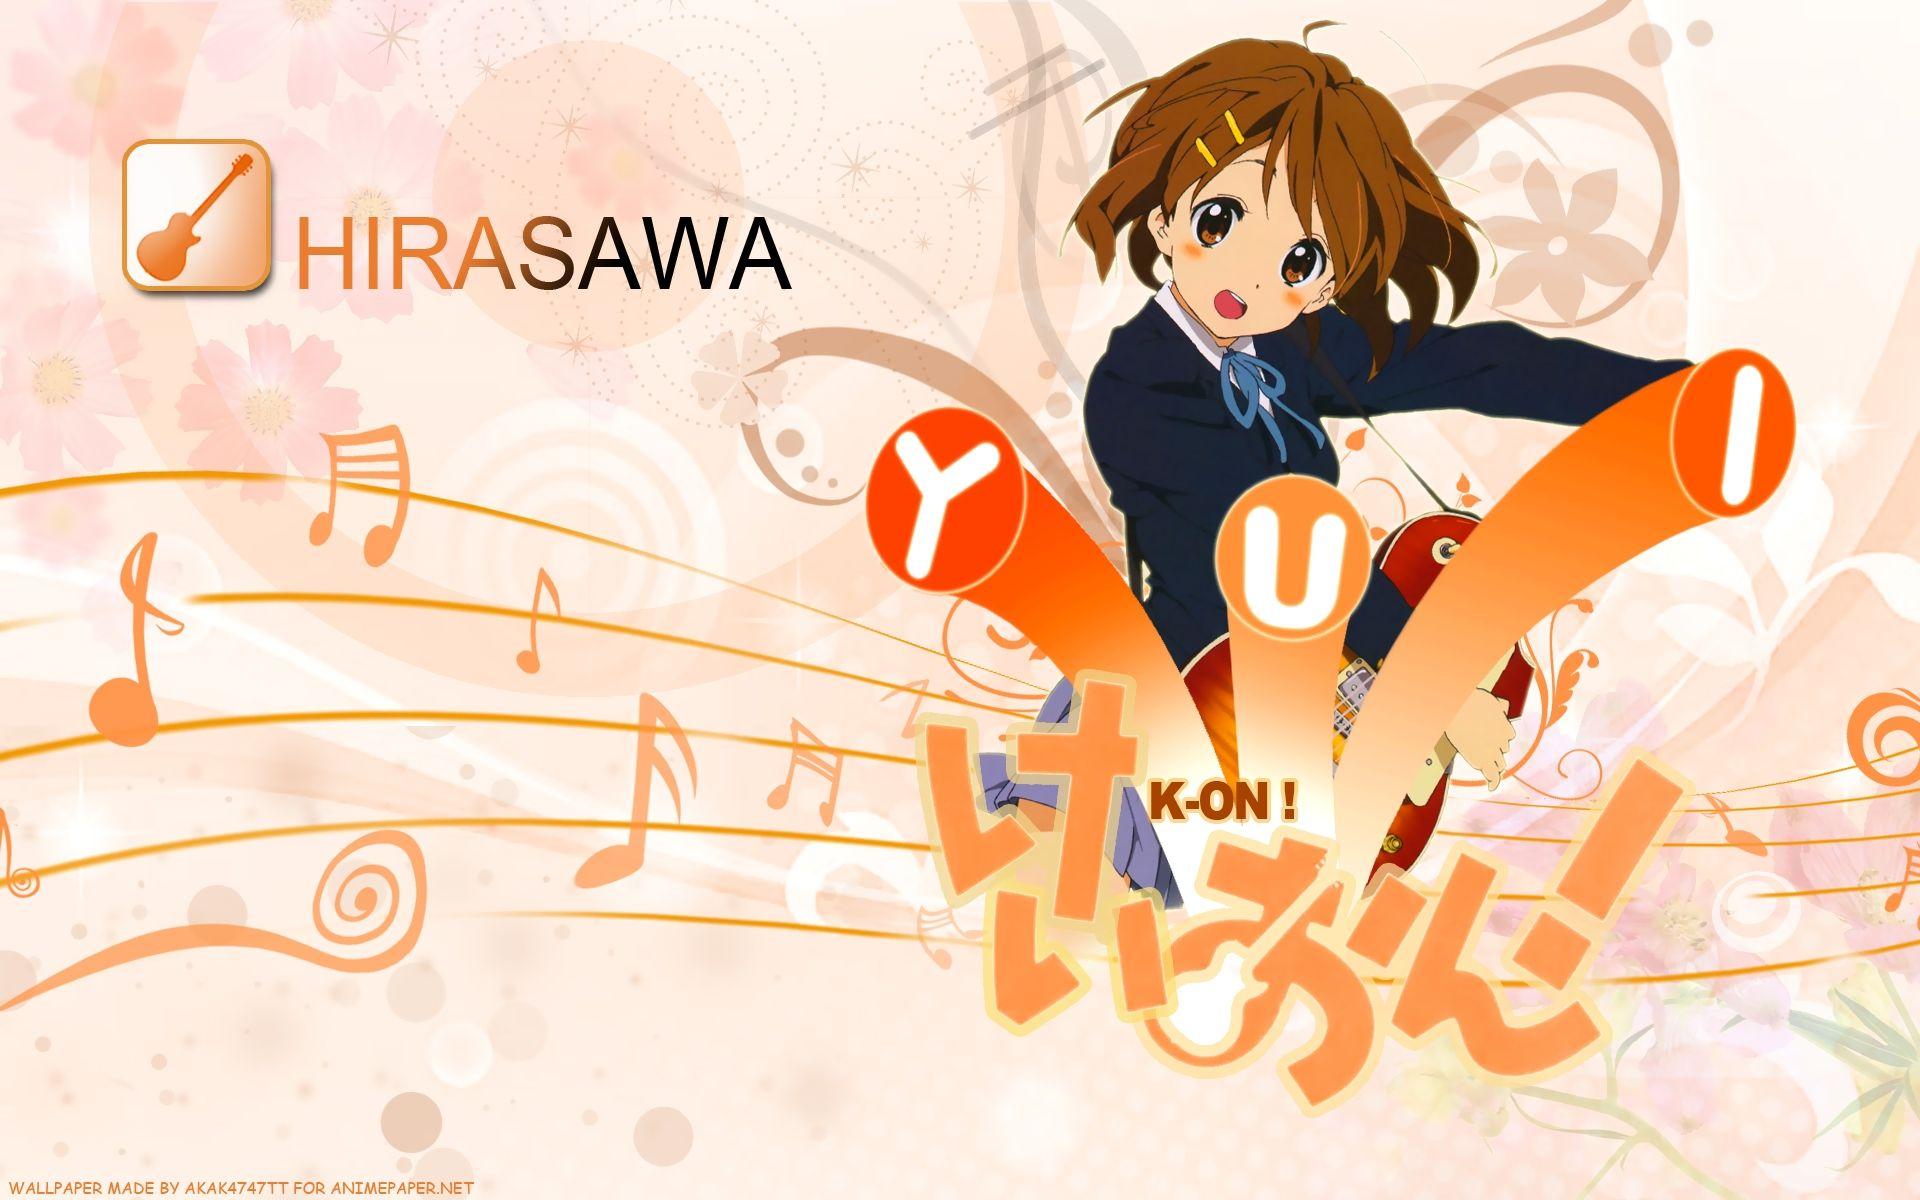 Konachan.com - 72506 hirasawa_yui k-on!